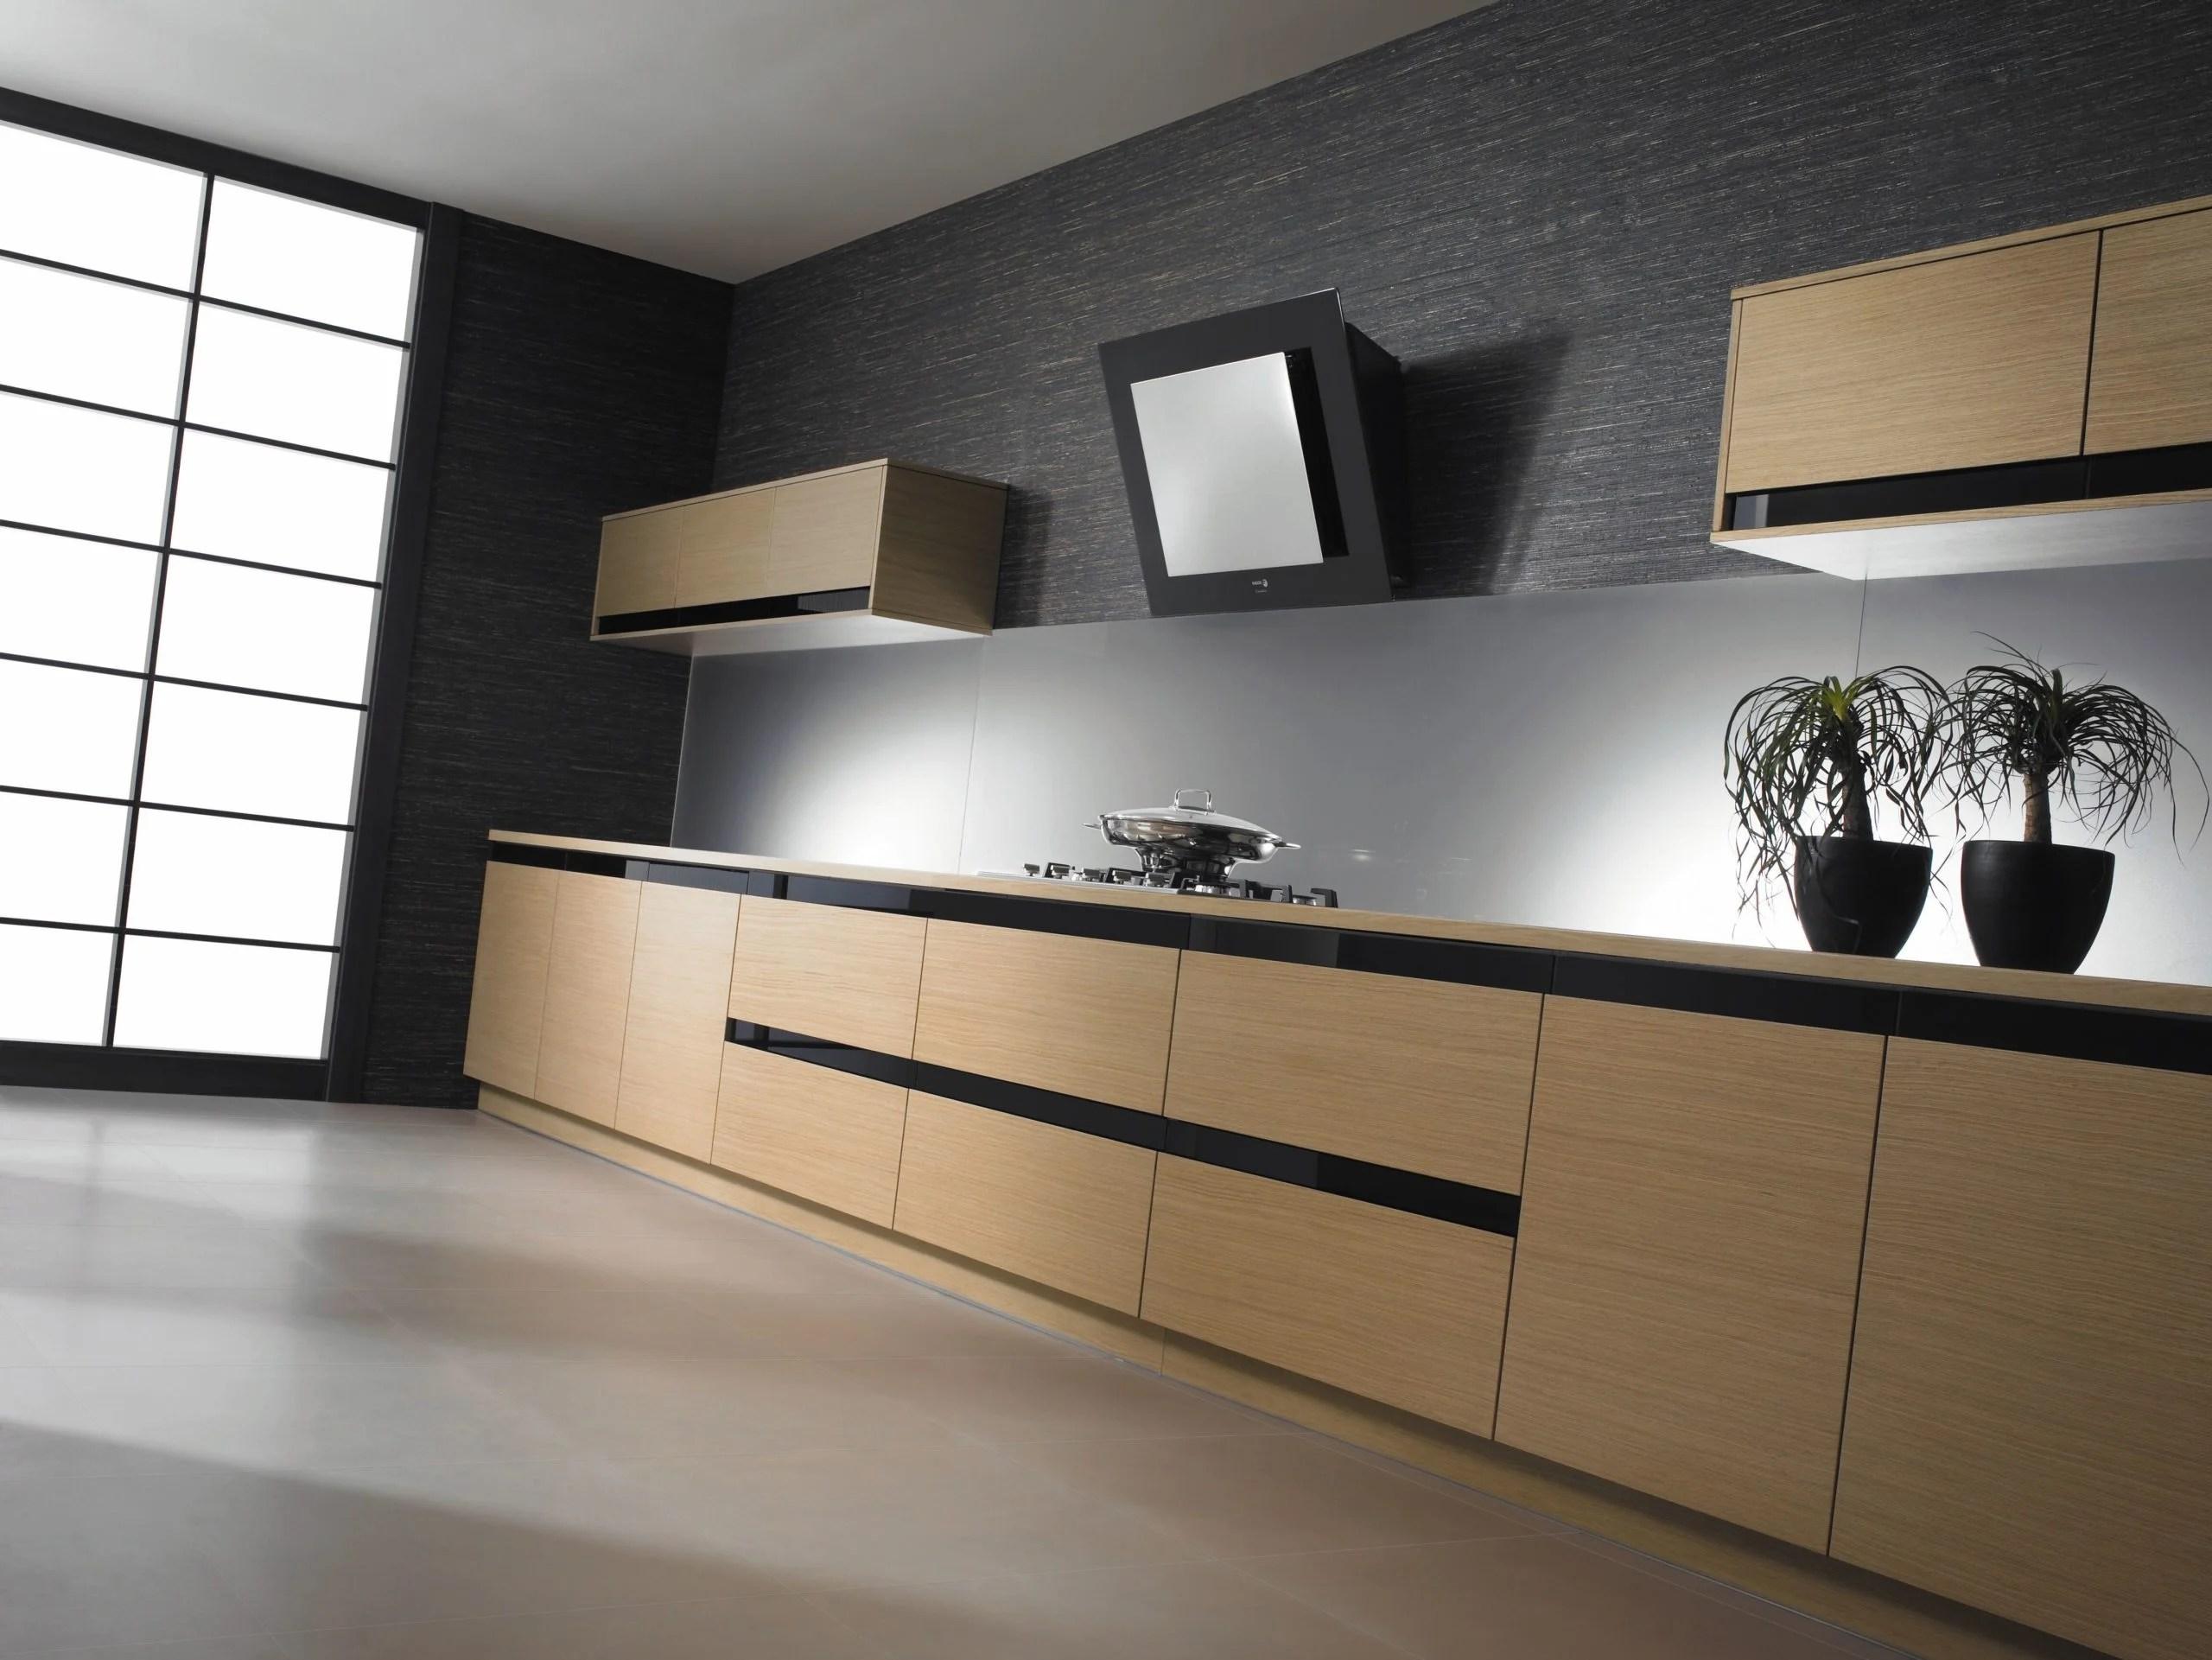 Cocina roble moderna  Diseo e instalacin de cocinas